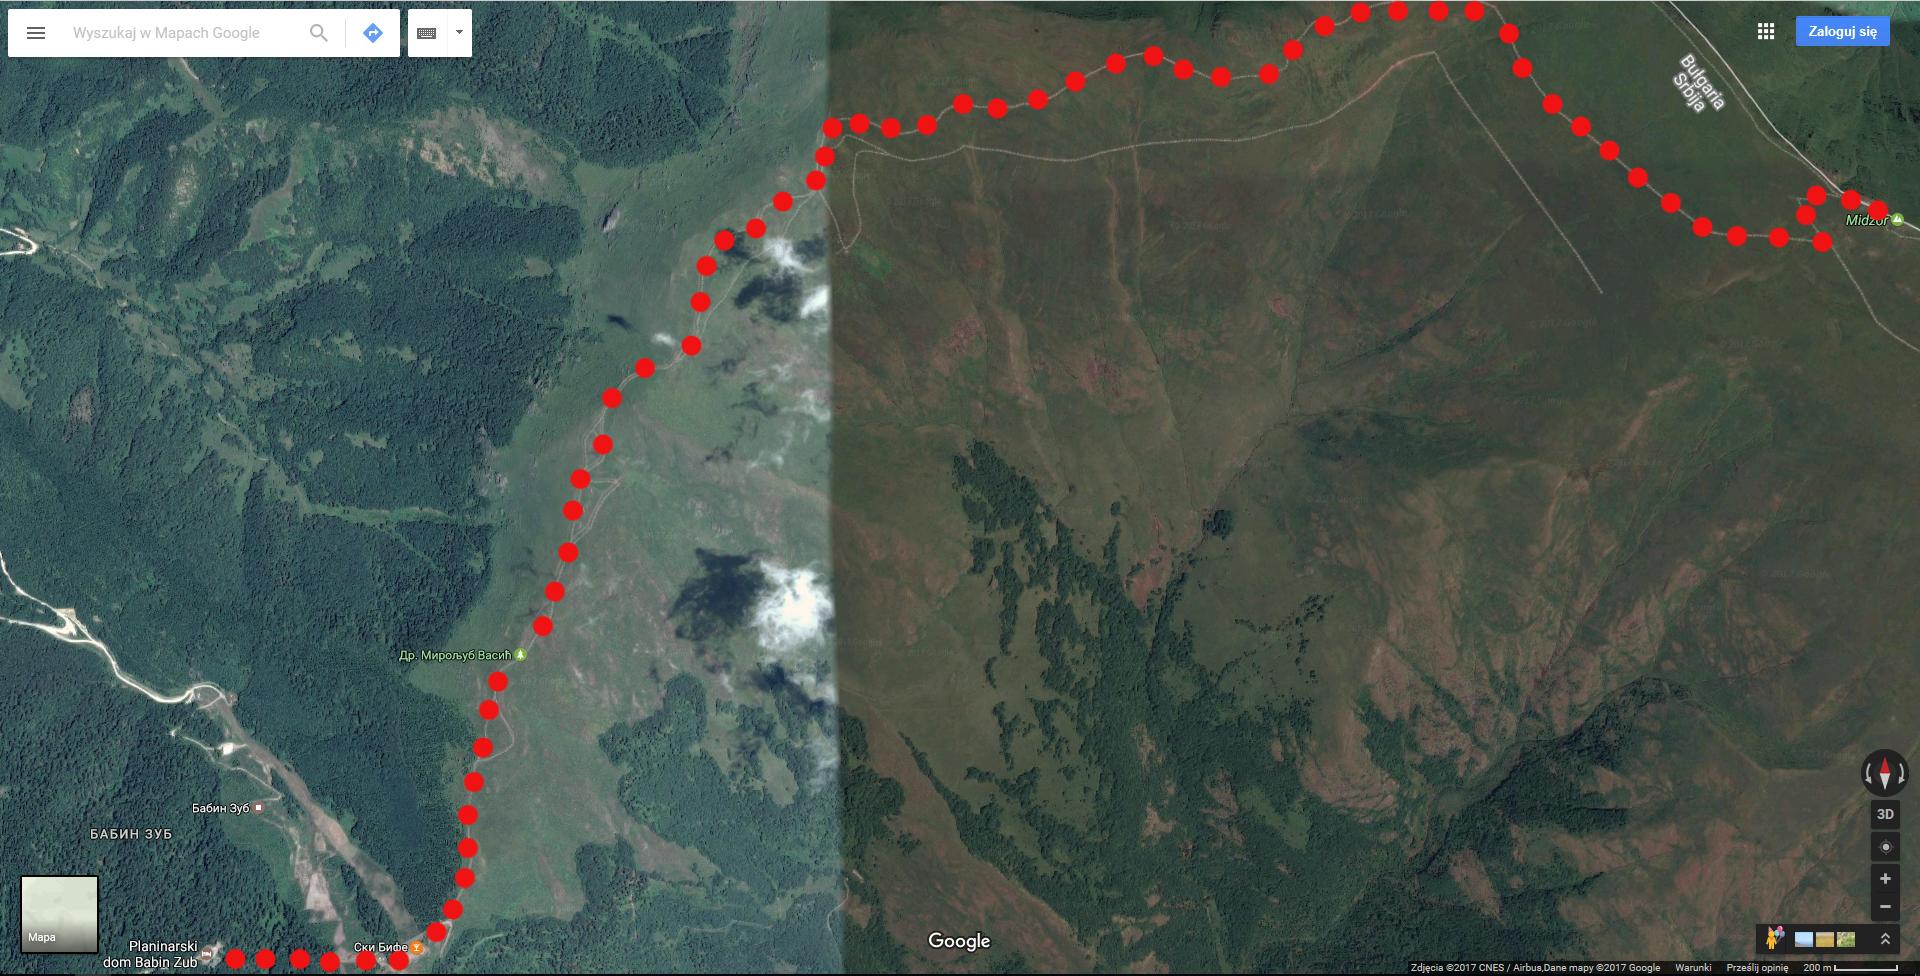 szlak czerwony na Midżur, najwyższy szczyt Serbii